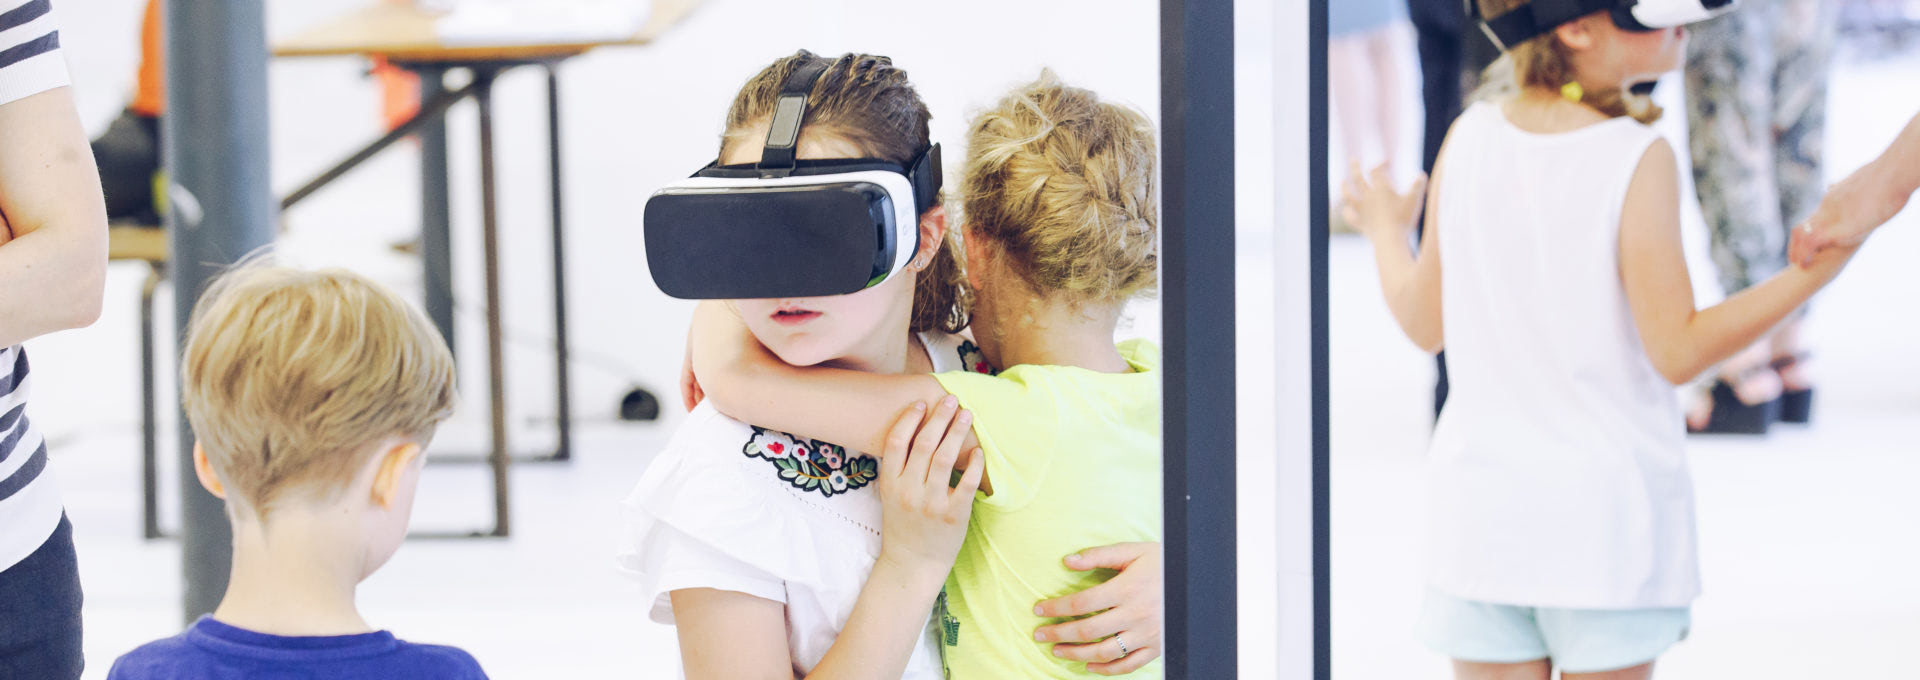 Next Nature Habitat VR